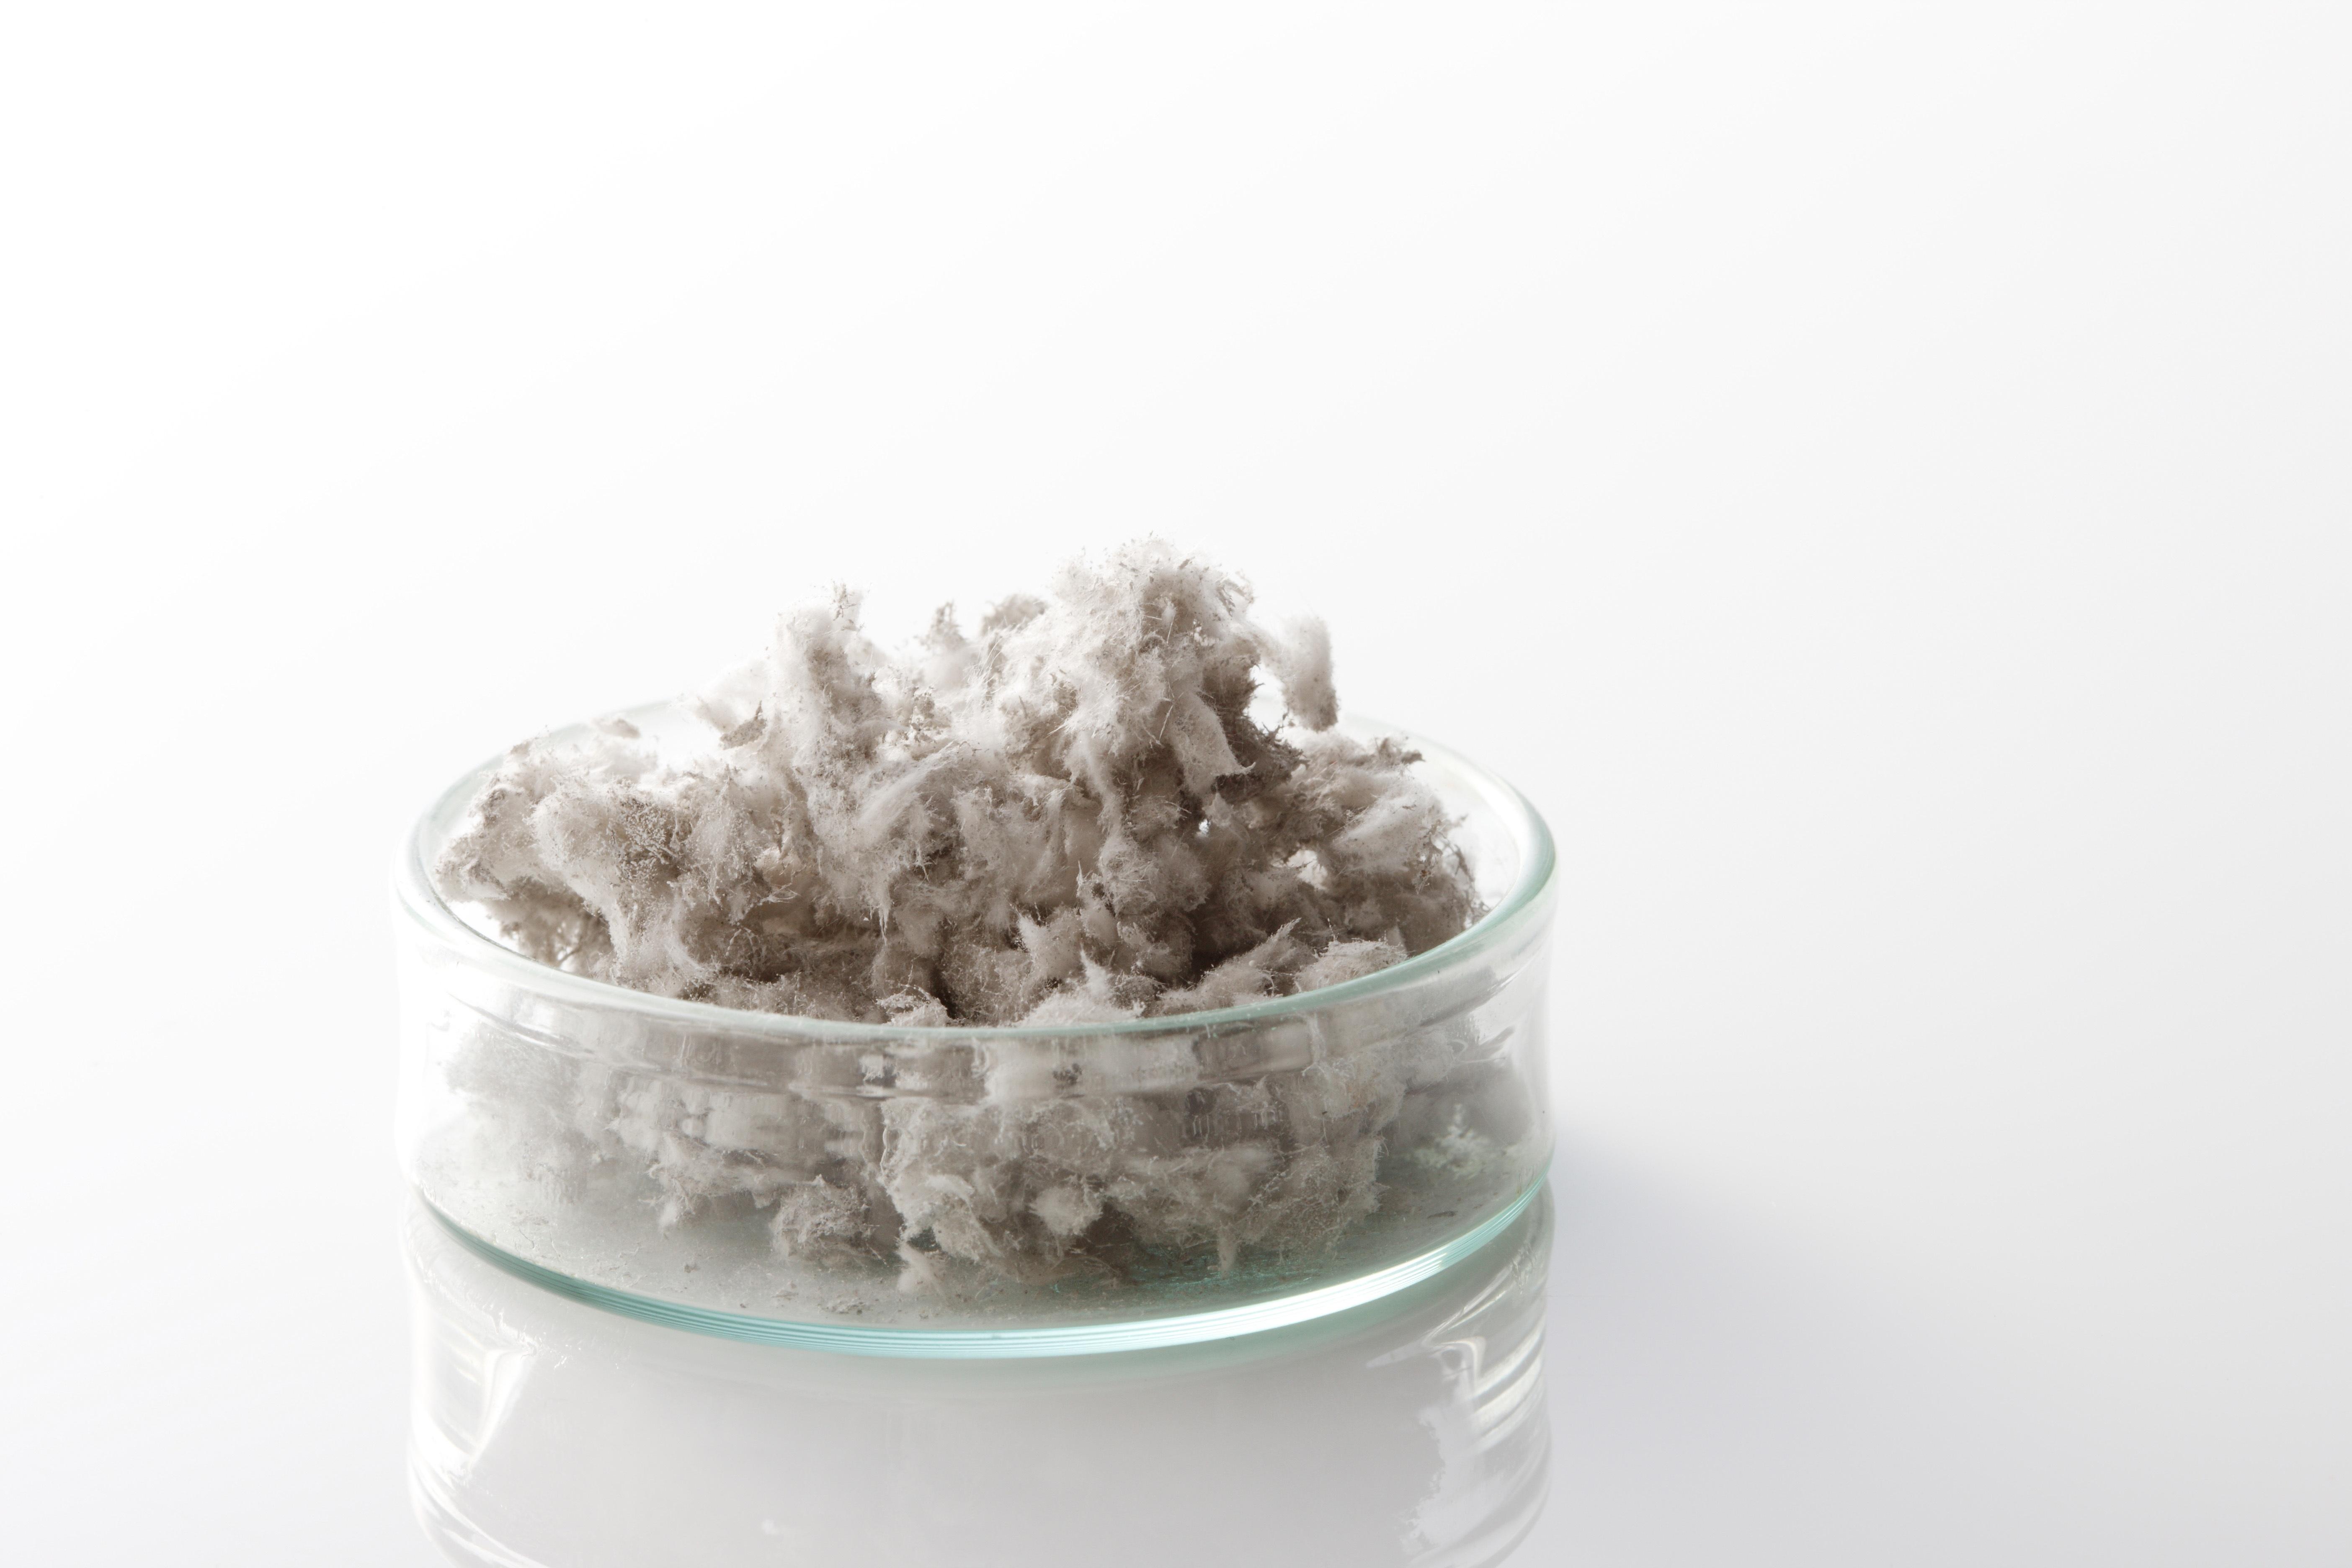 asbestos in petrie dish